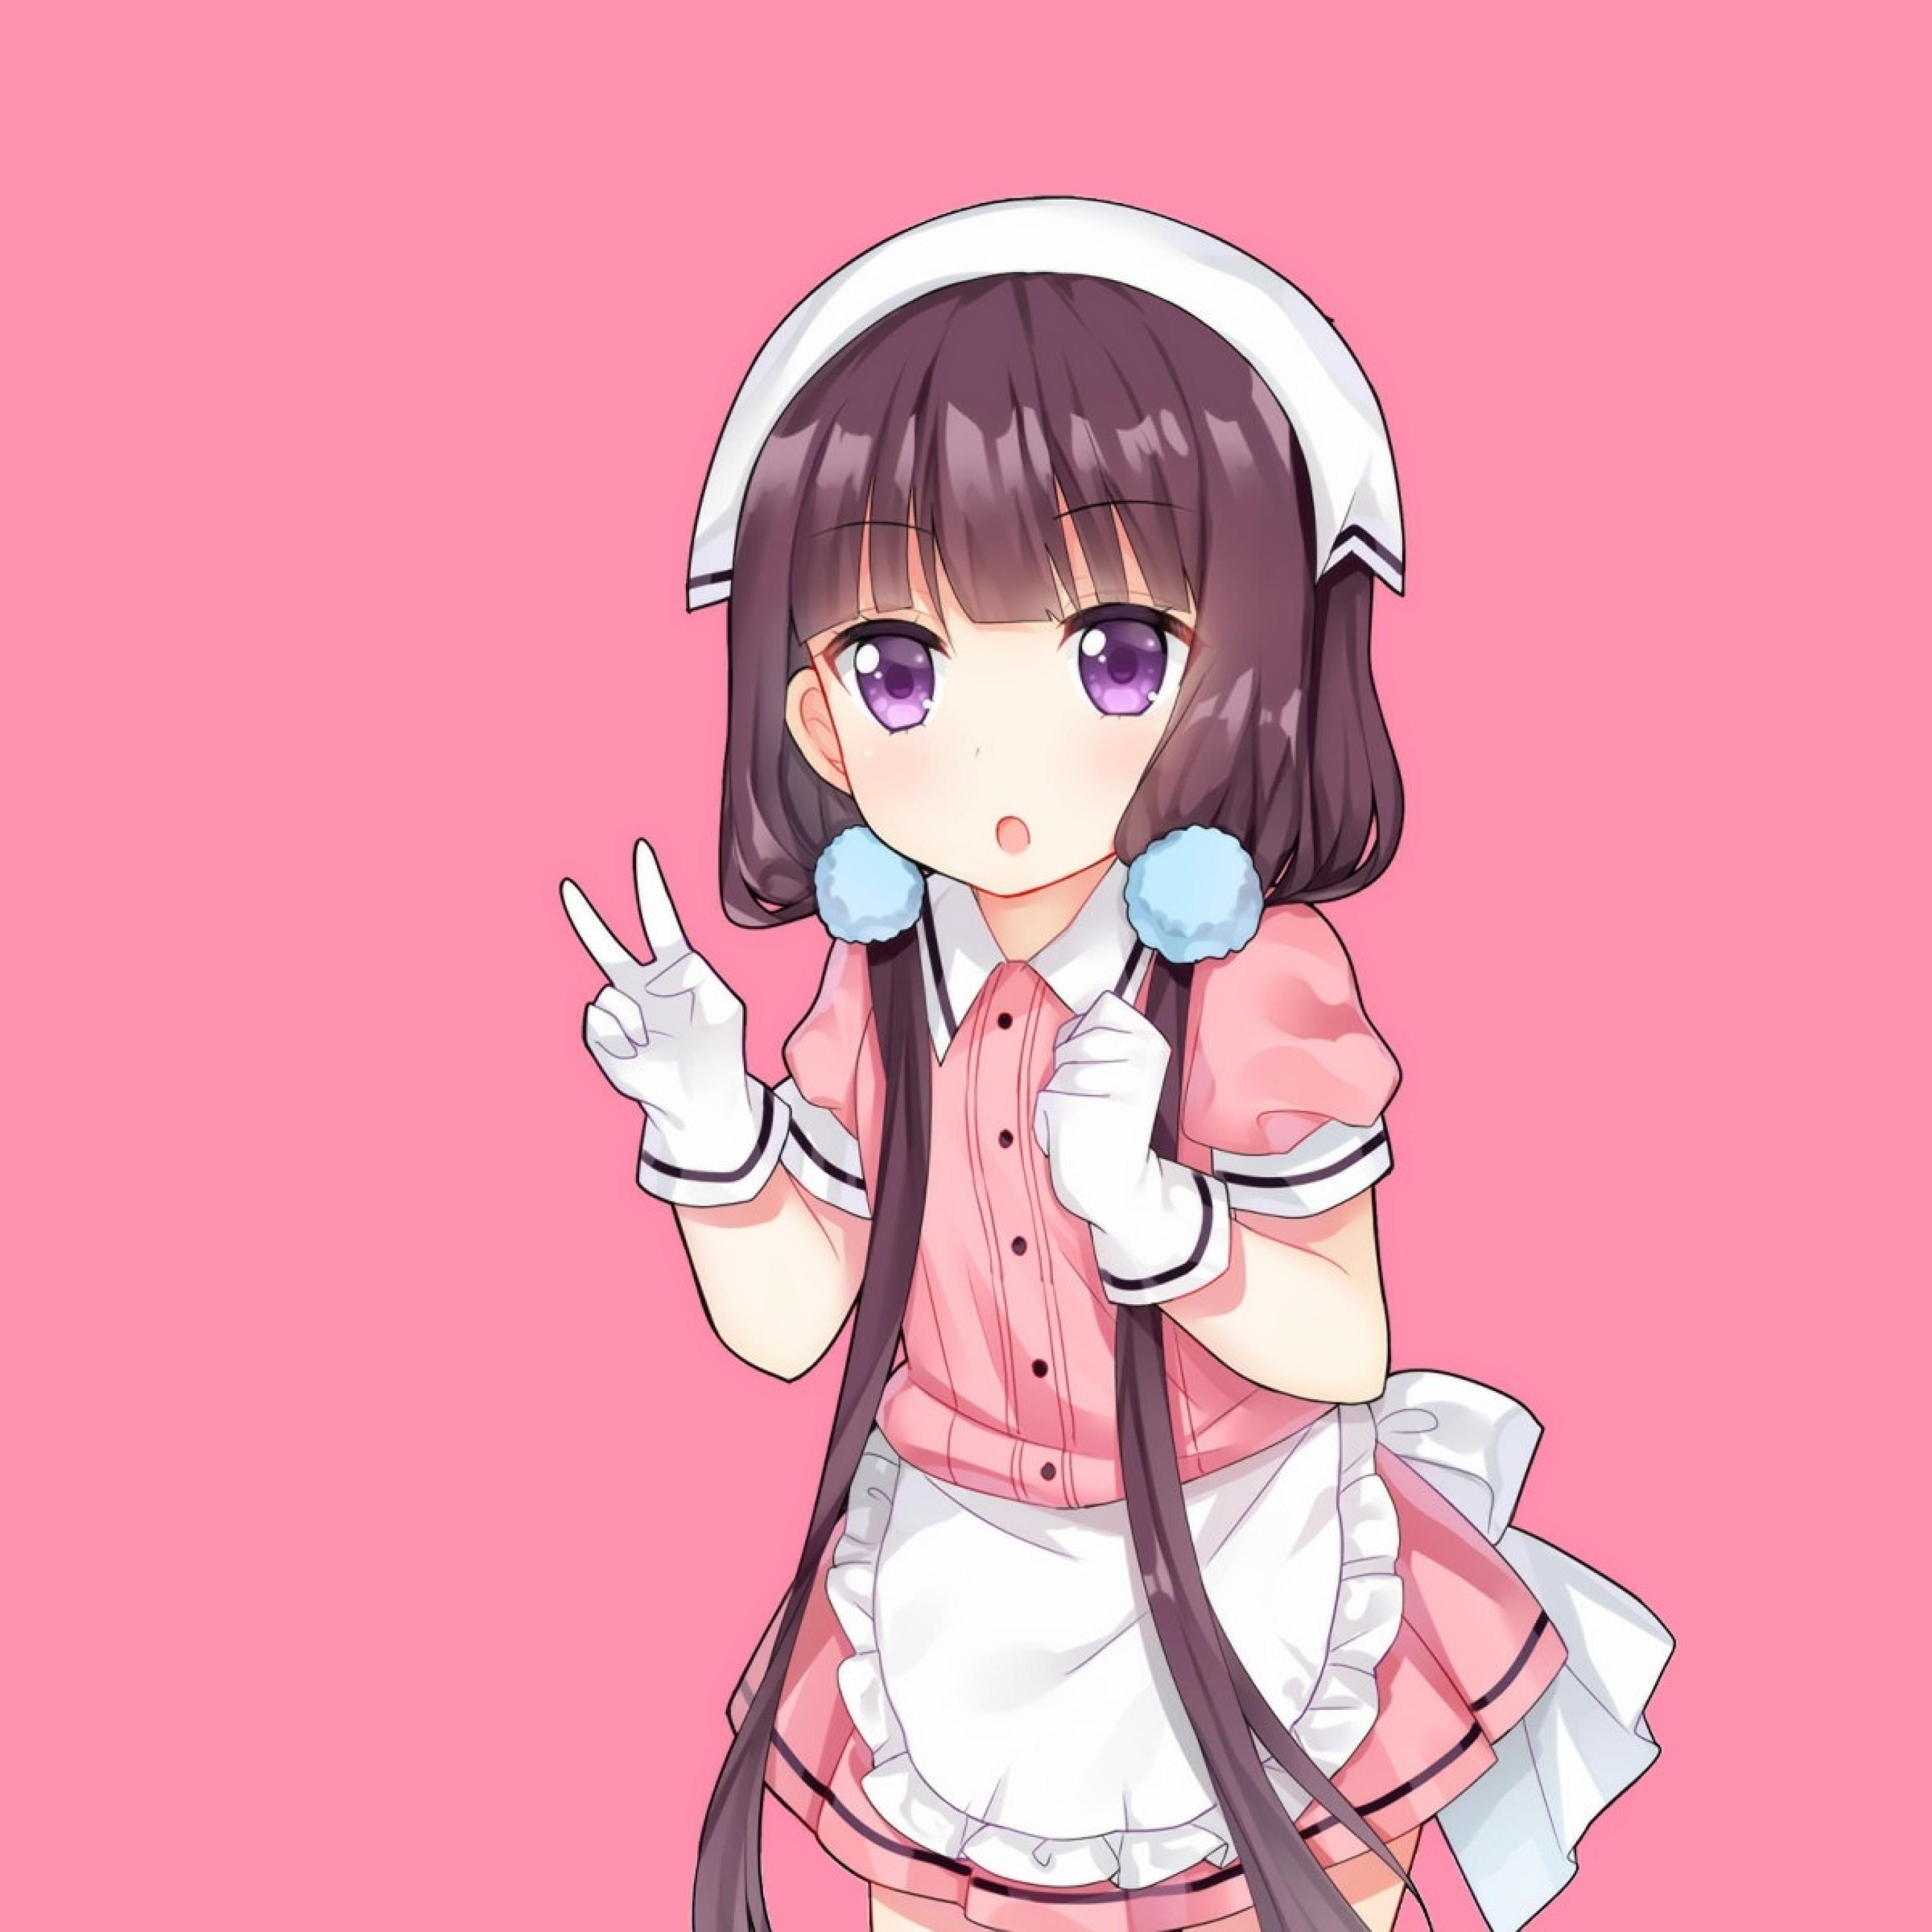 blend s anime, full hd wallpaper